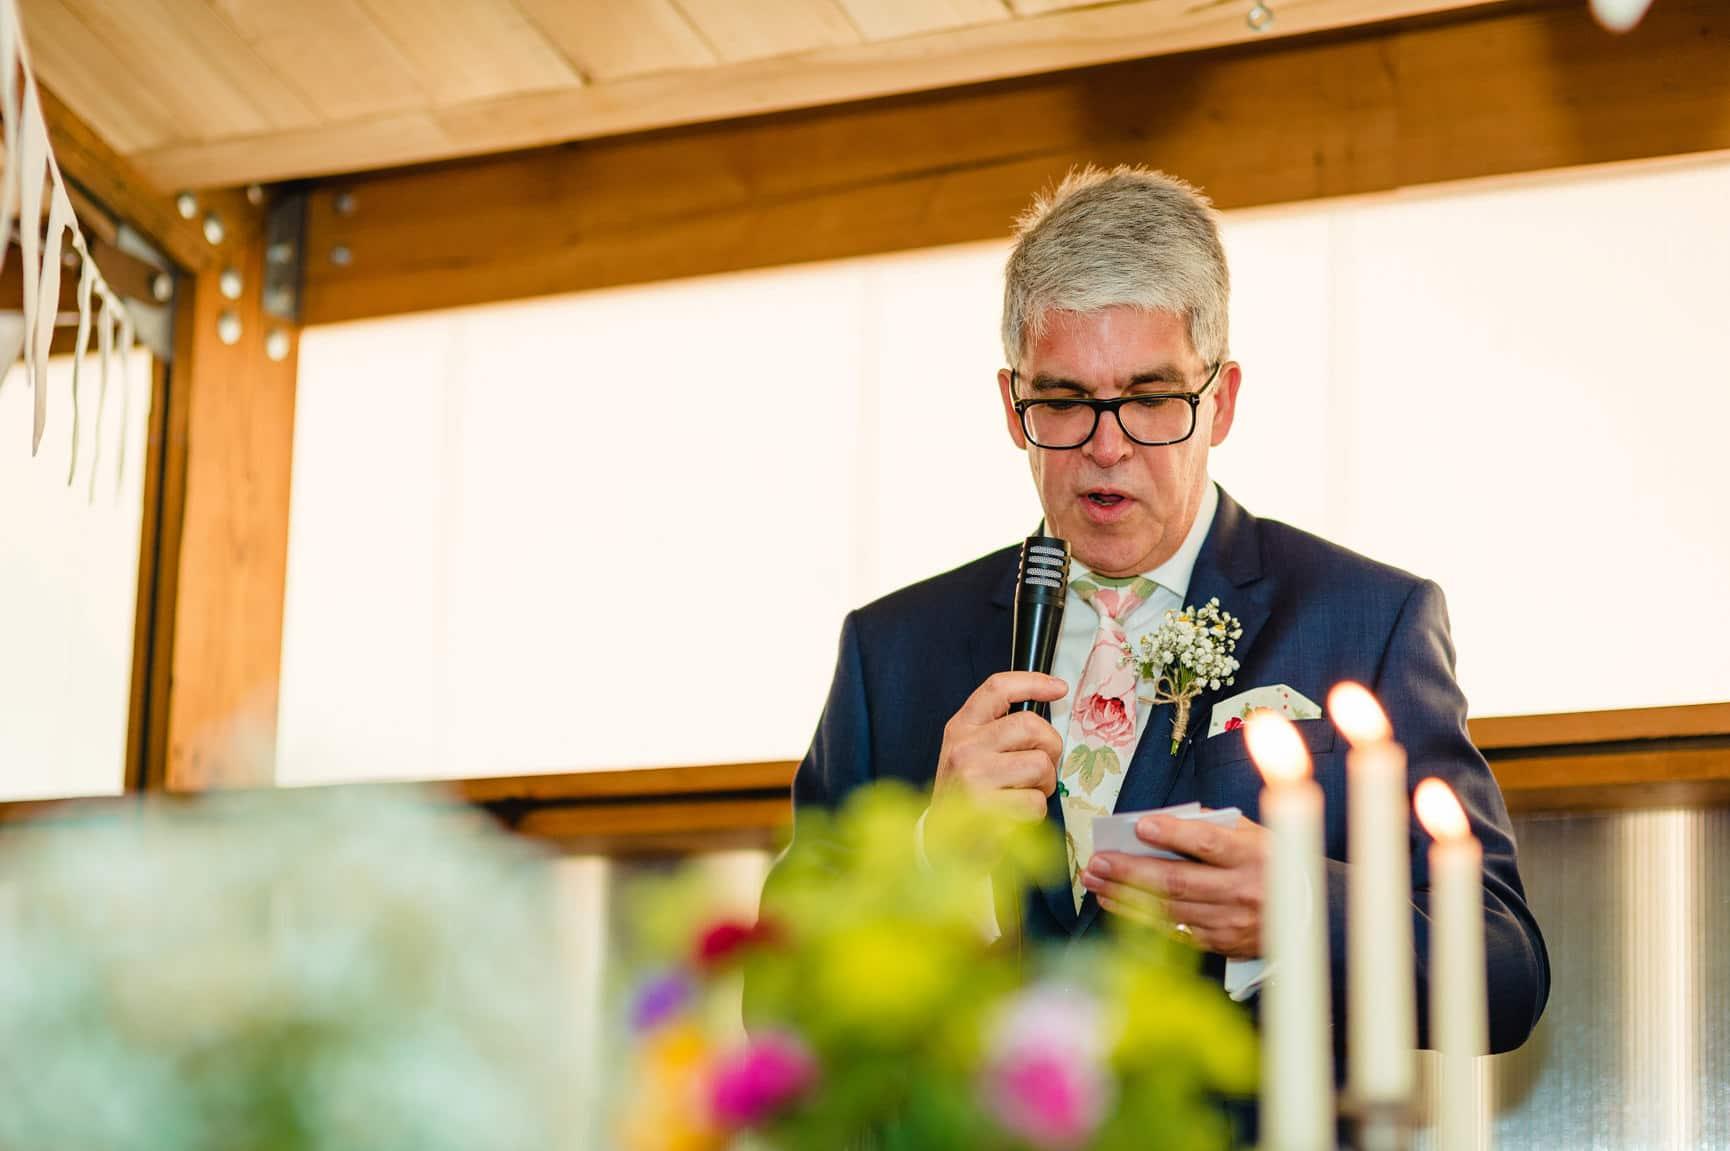 Fforest Wedding, Cardigan, Wales - Lauren and Gareth 114